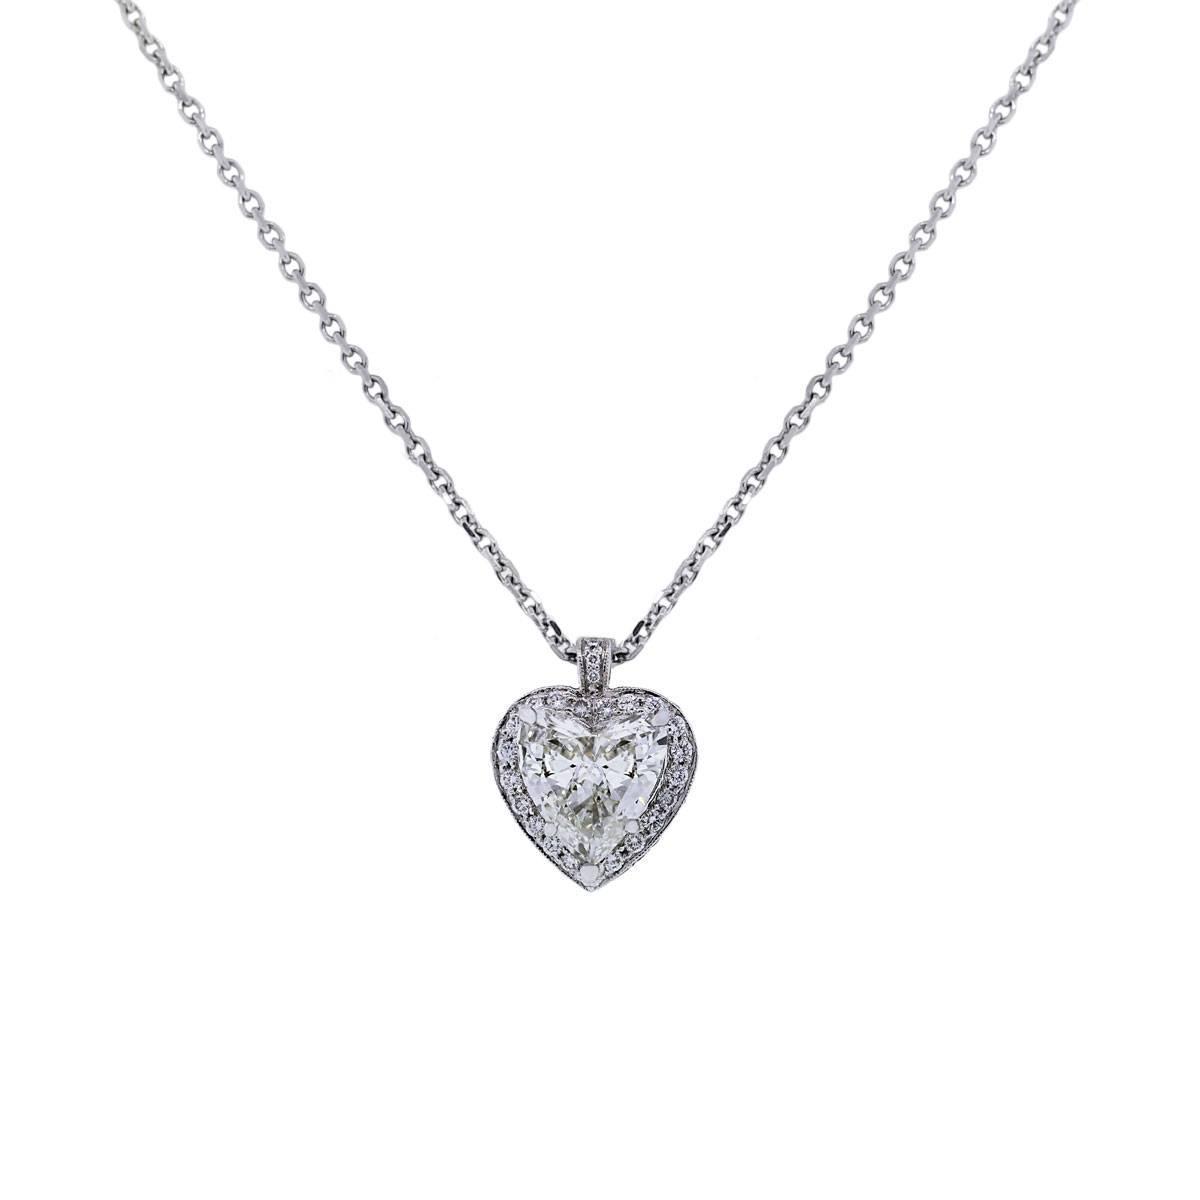 Diamond triangle pendant necklace